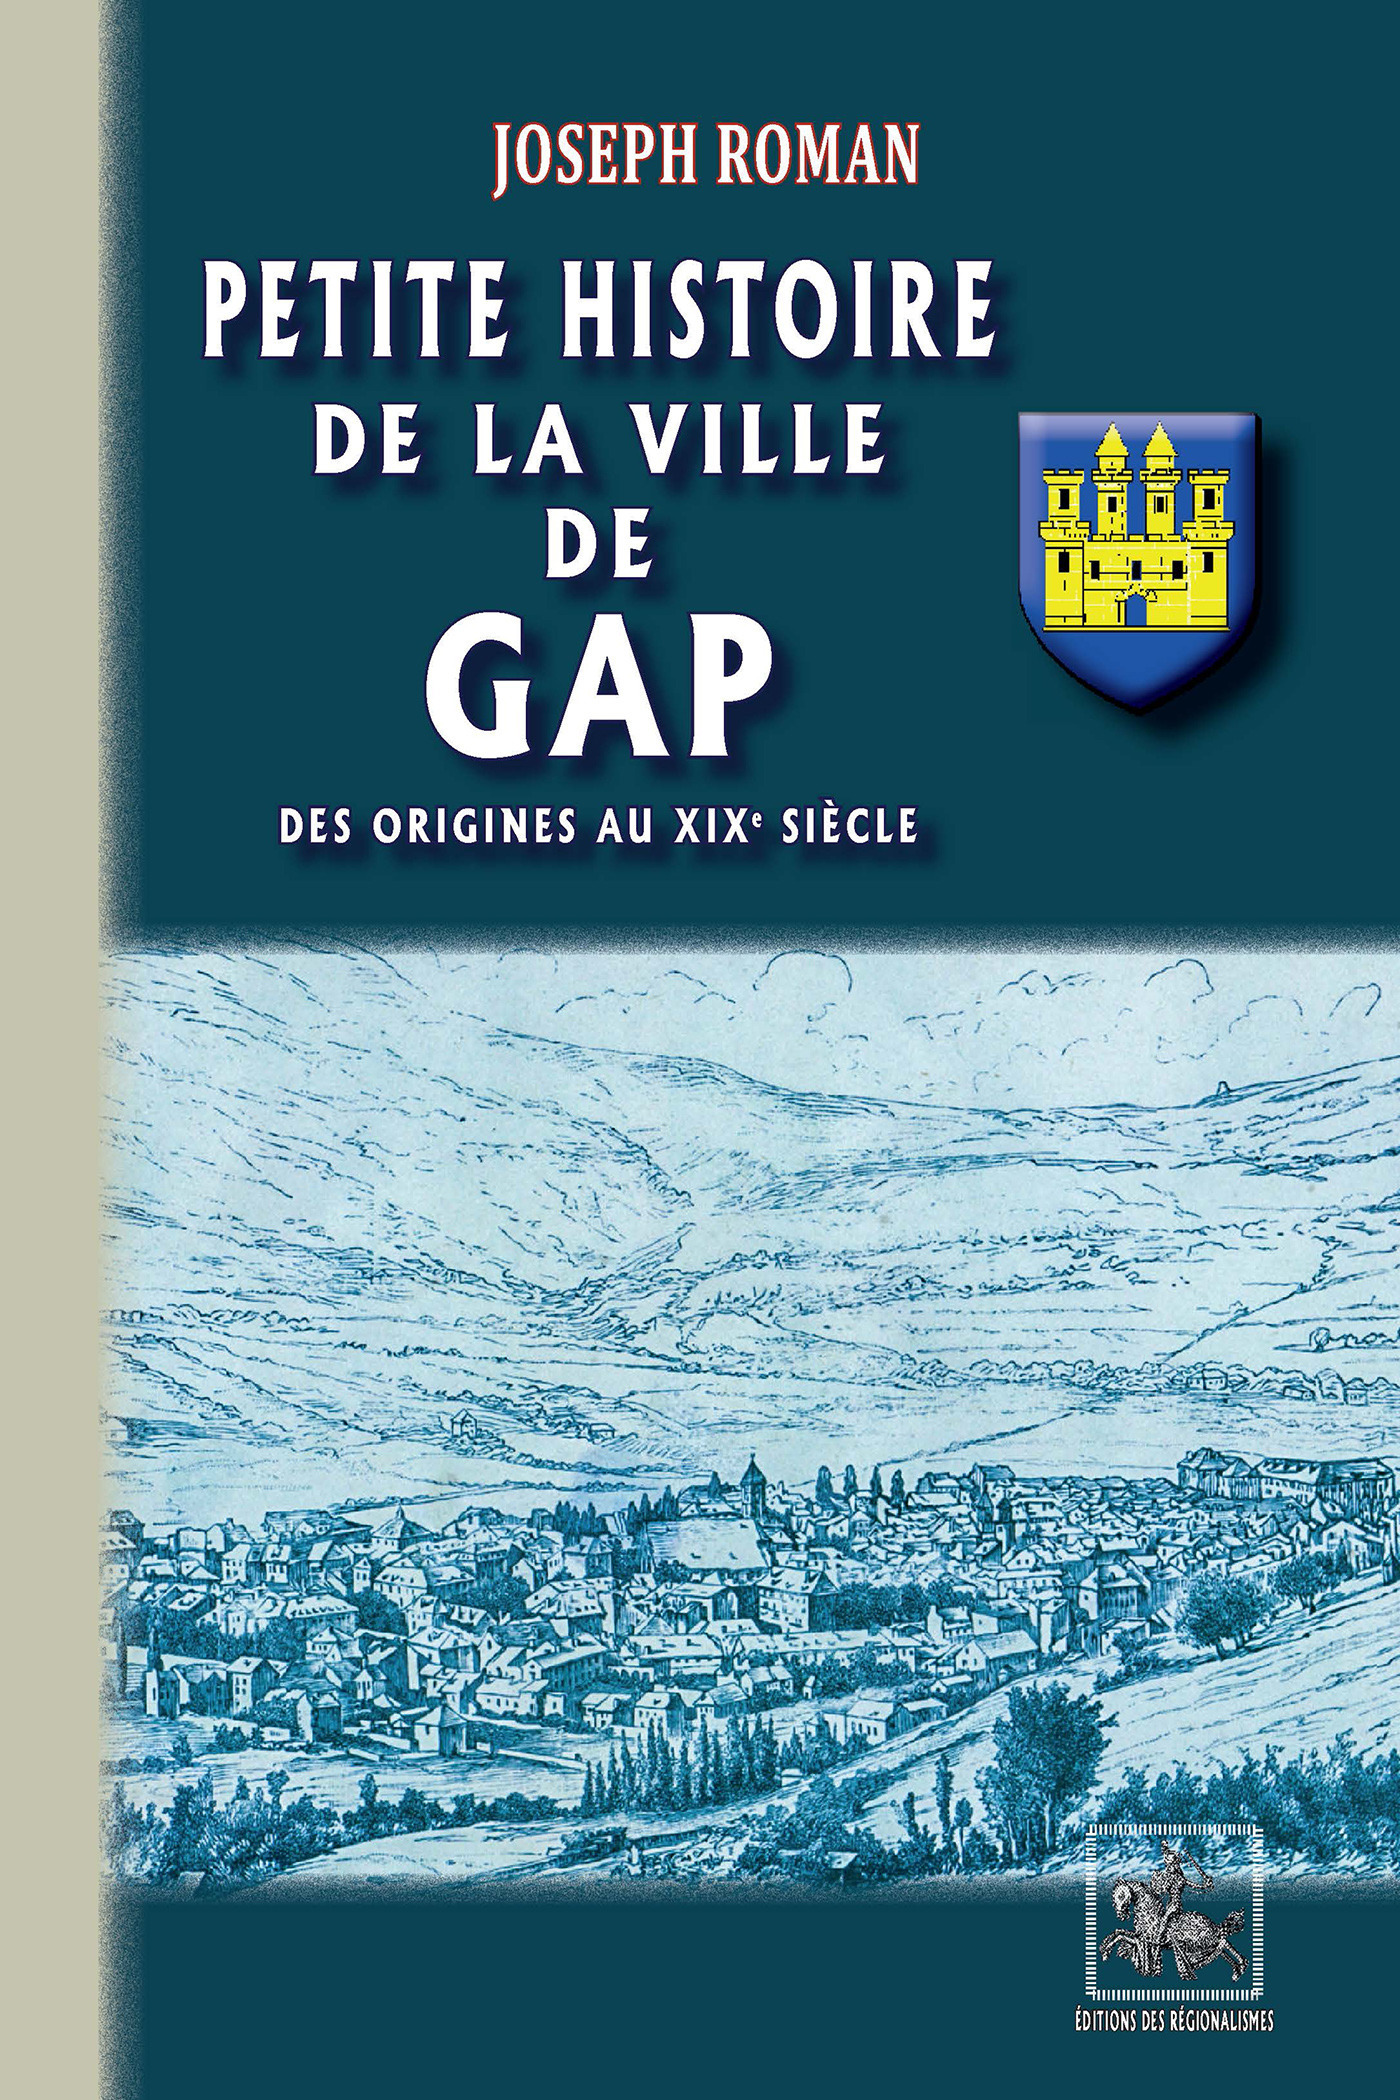 Petite histoire de la ville de Gap ; des origines aux XIXe siècle